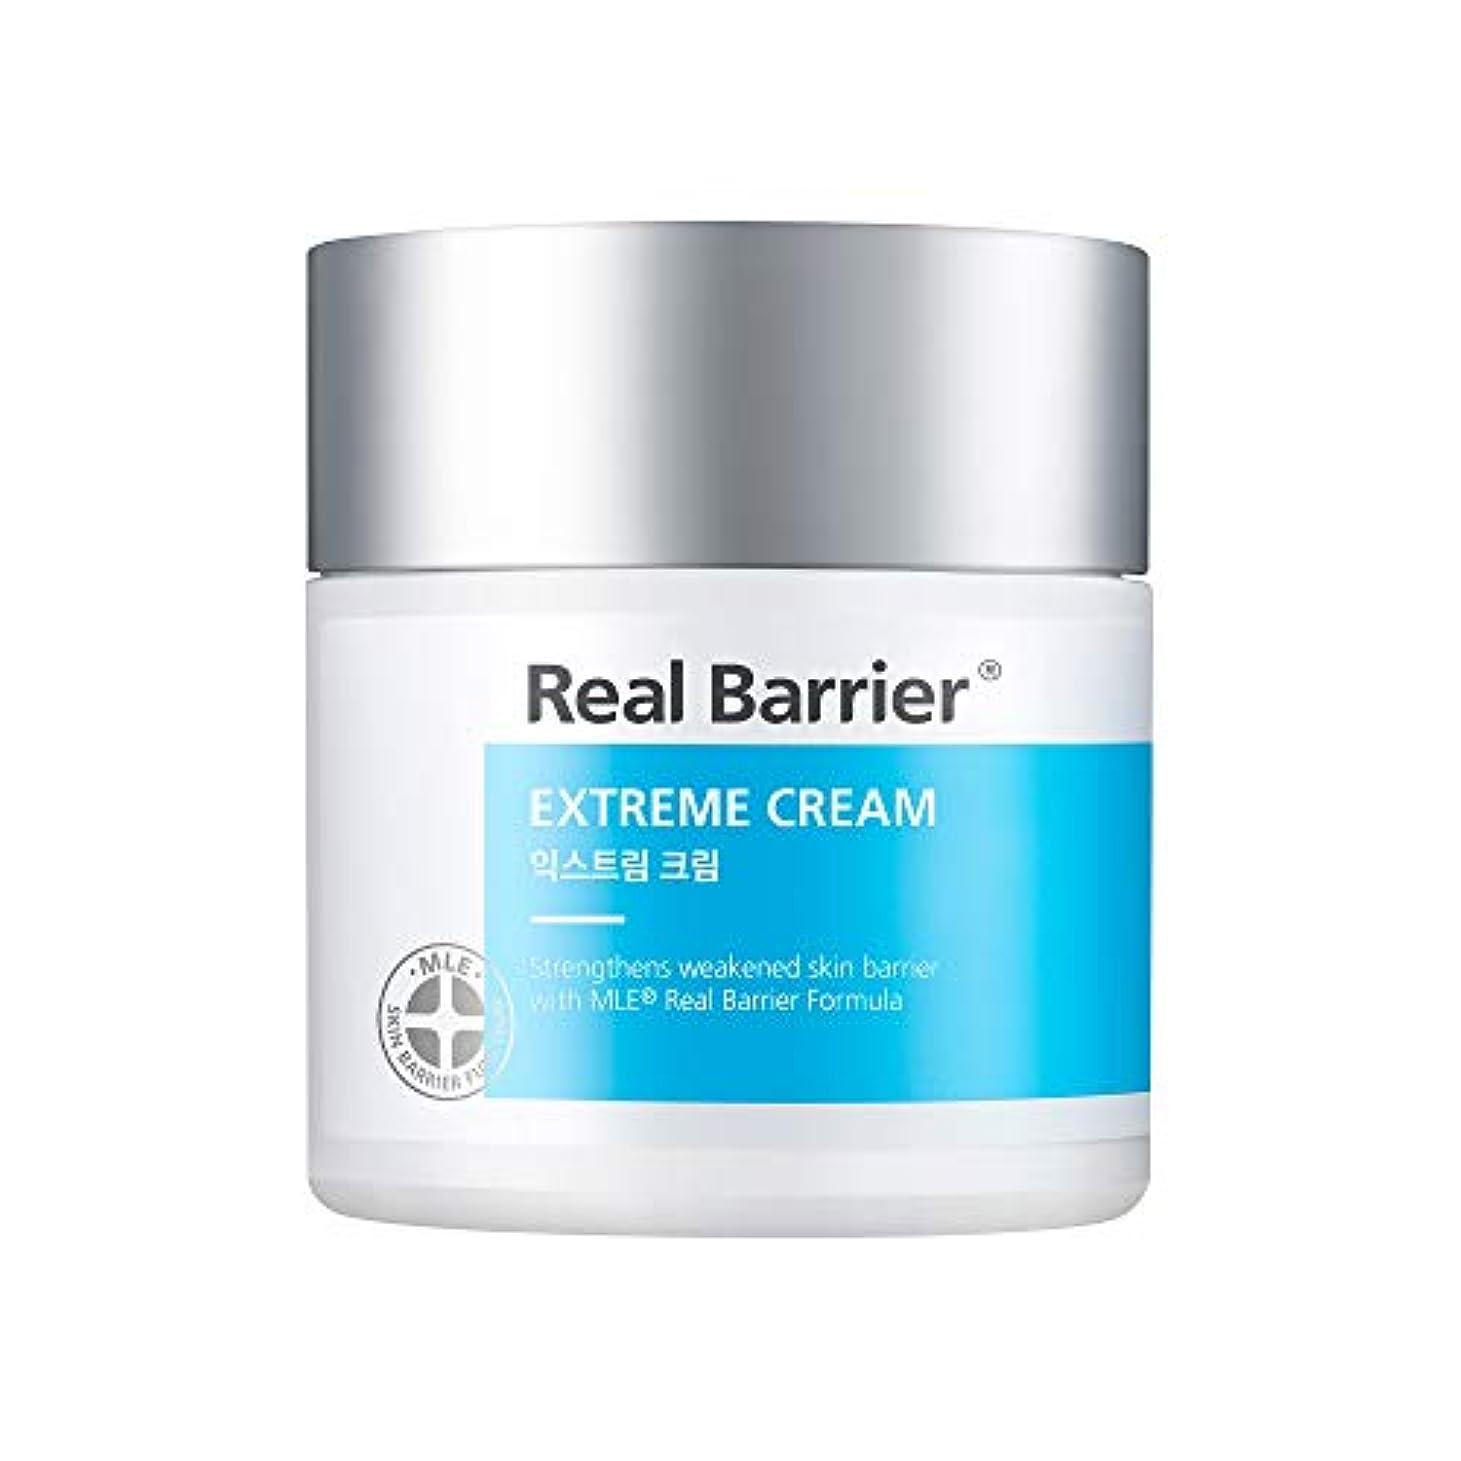 牛ドリンク貯水池アトパーム(atopalm) リアルベリアエクストリームクリーム/Atopam Real Barrier Extreme Cream